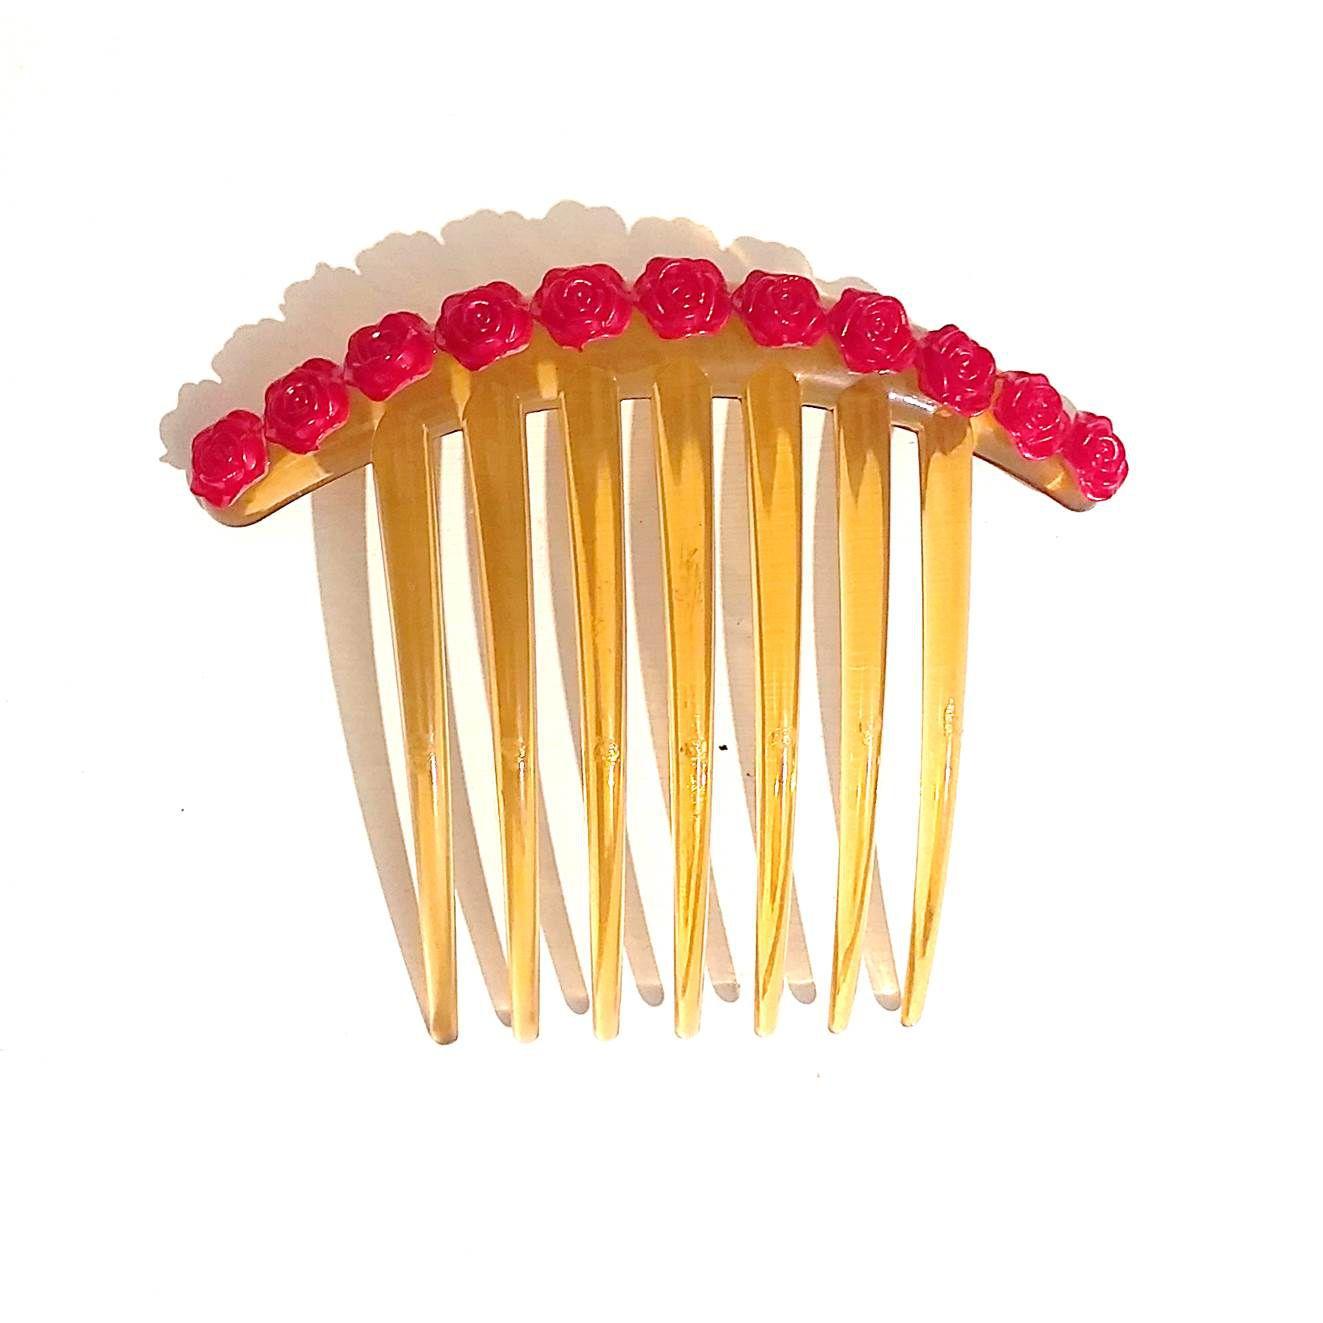 PEINECILLO plástico ocre rosinhas vermelhas flamenco dança cigana